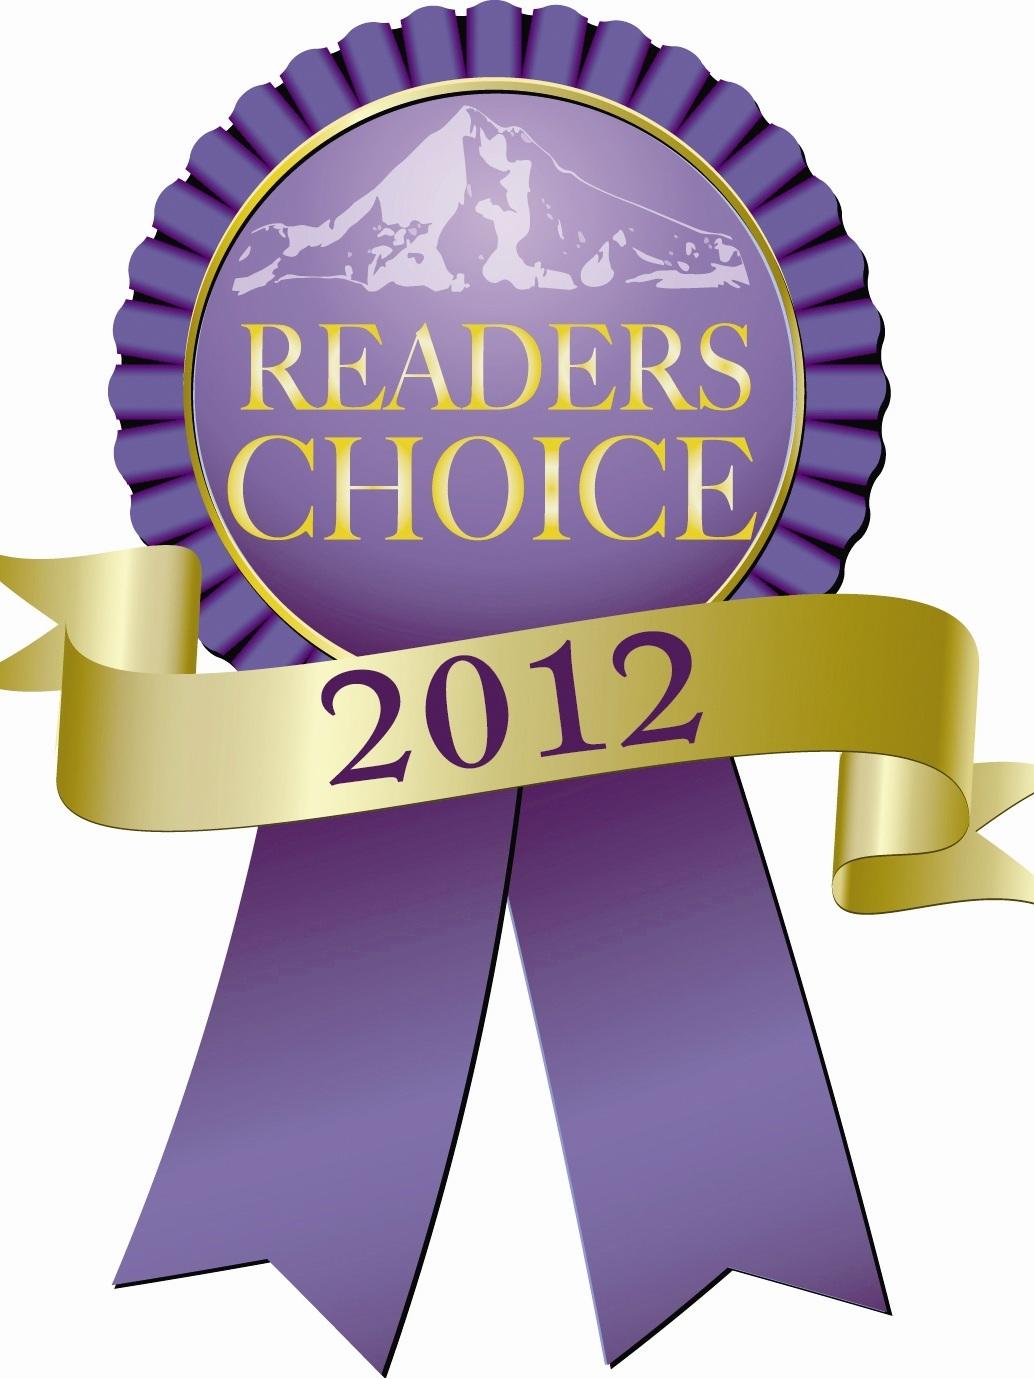 ReadersChoice+2012+logo.jpg